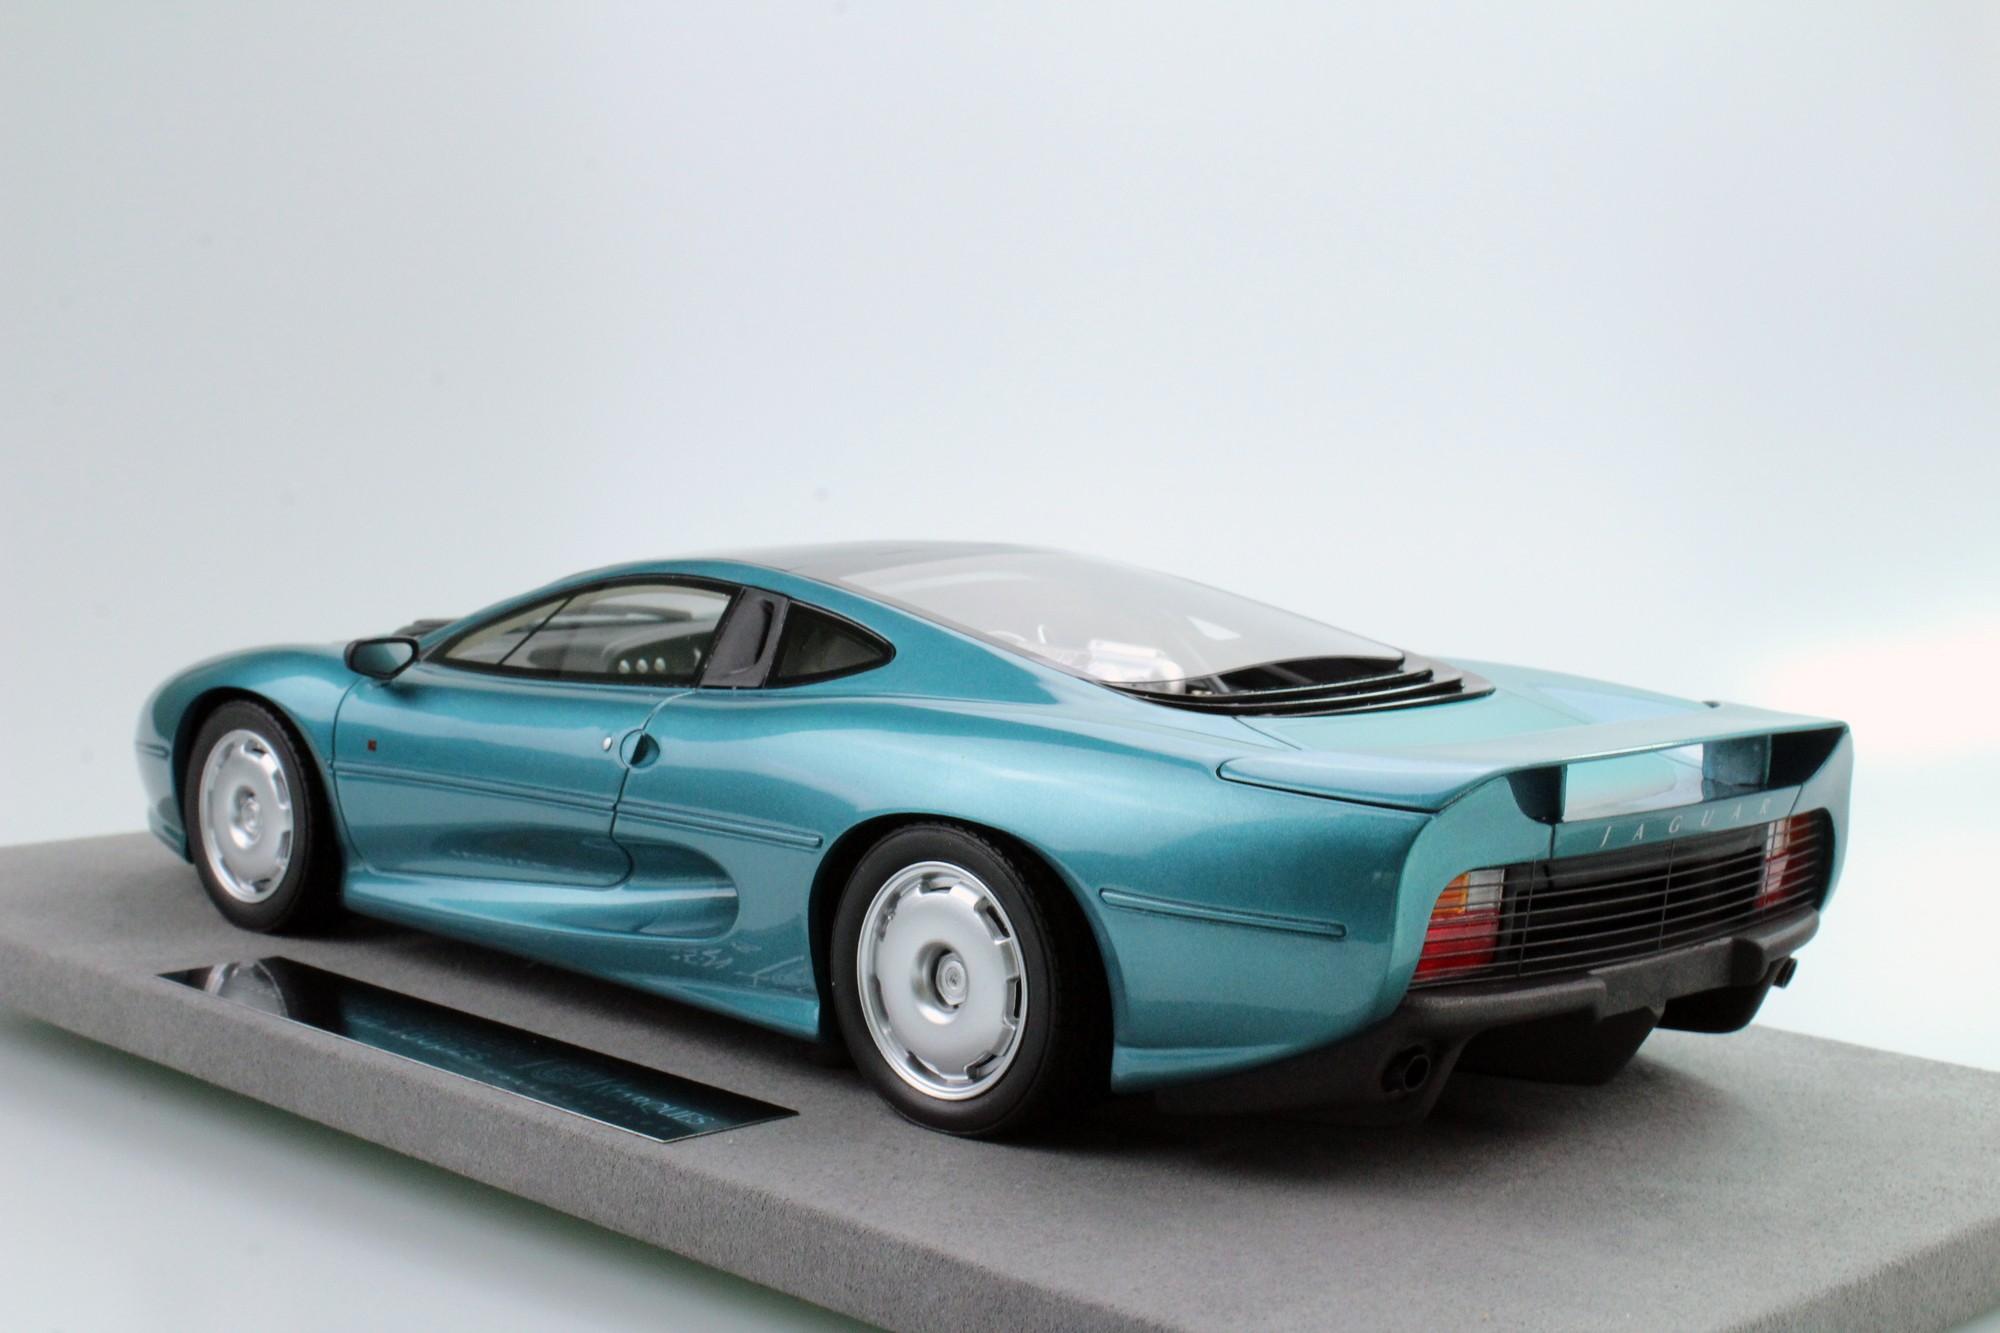 Top Marques Collectibles Jaguar Xj220 1 18 Green Top39a